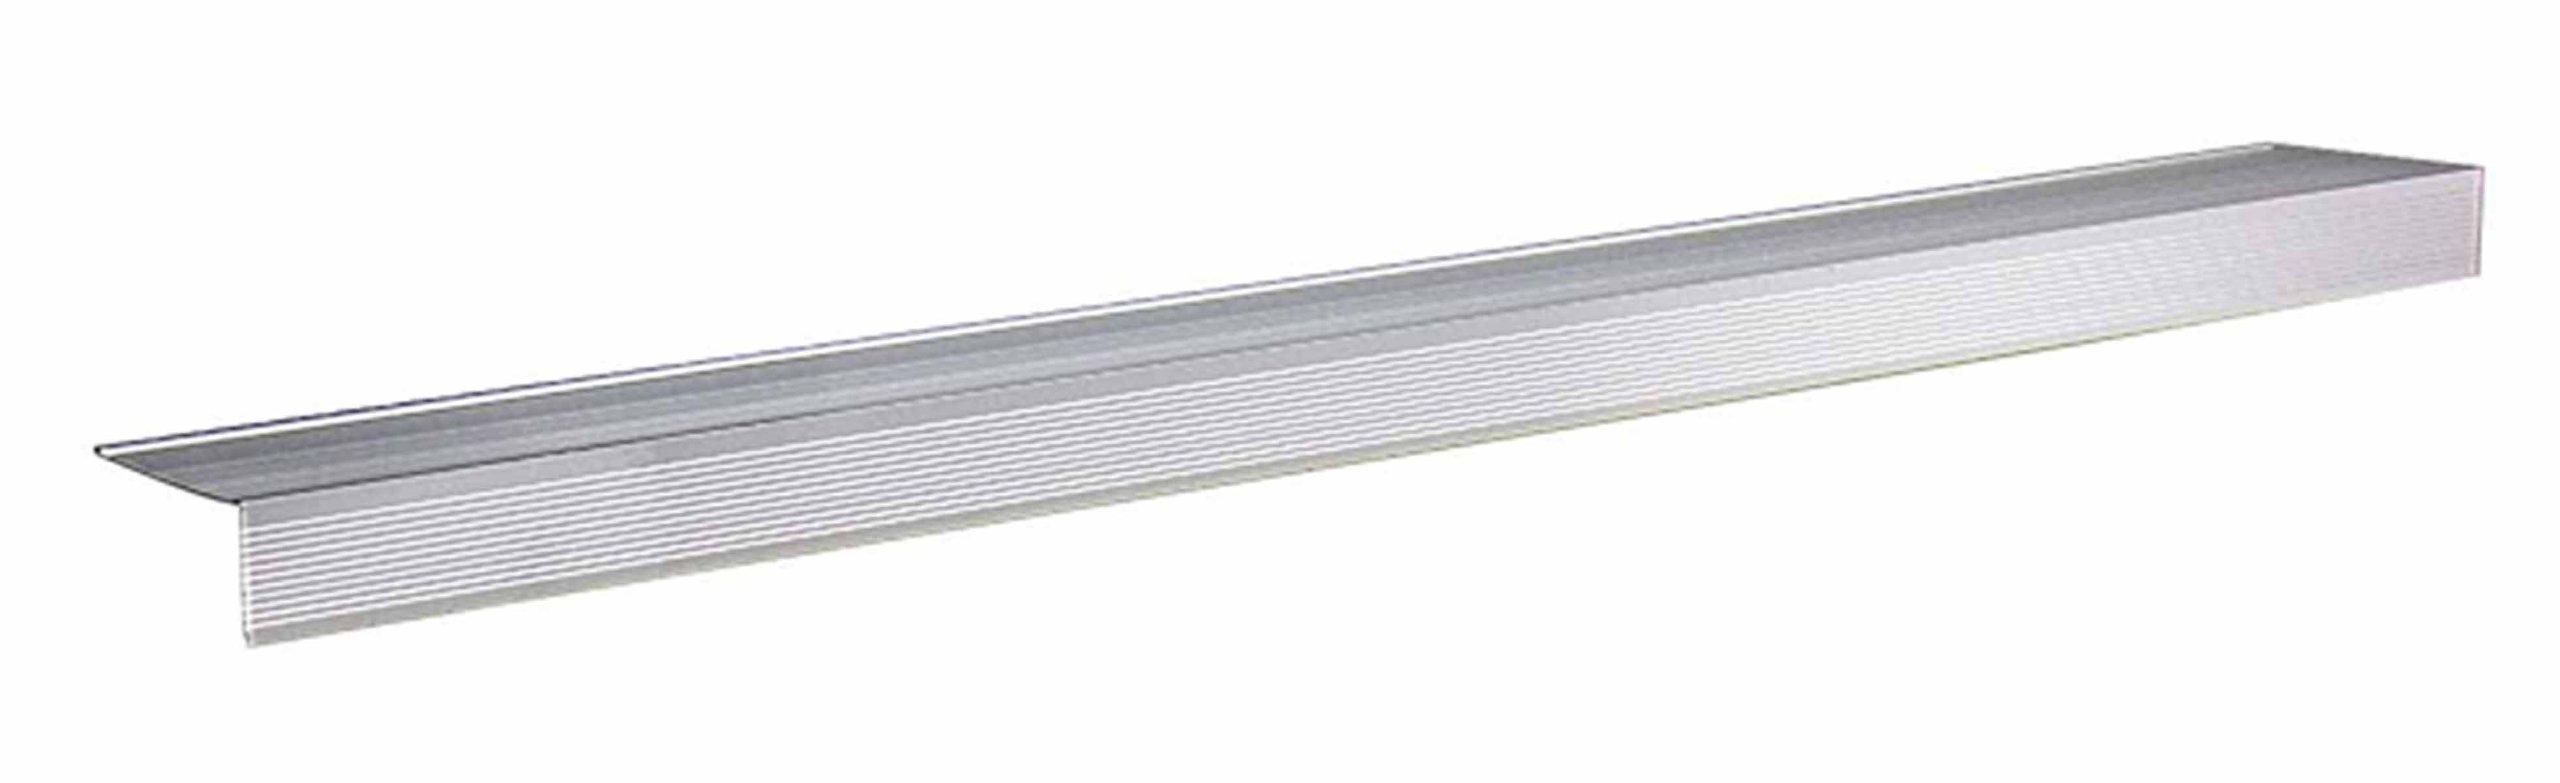 M-D Building Products 13094 Economy Low Mini Bumper Threshold 7.4-Inch by 1.5-Inch by 36.5-Inch by M-D Building Products